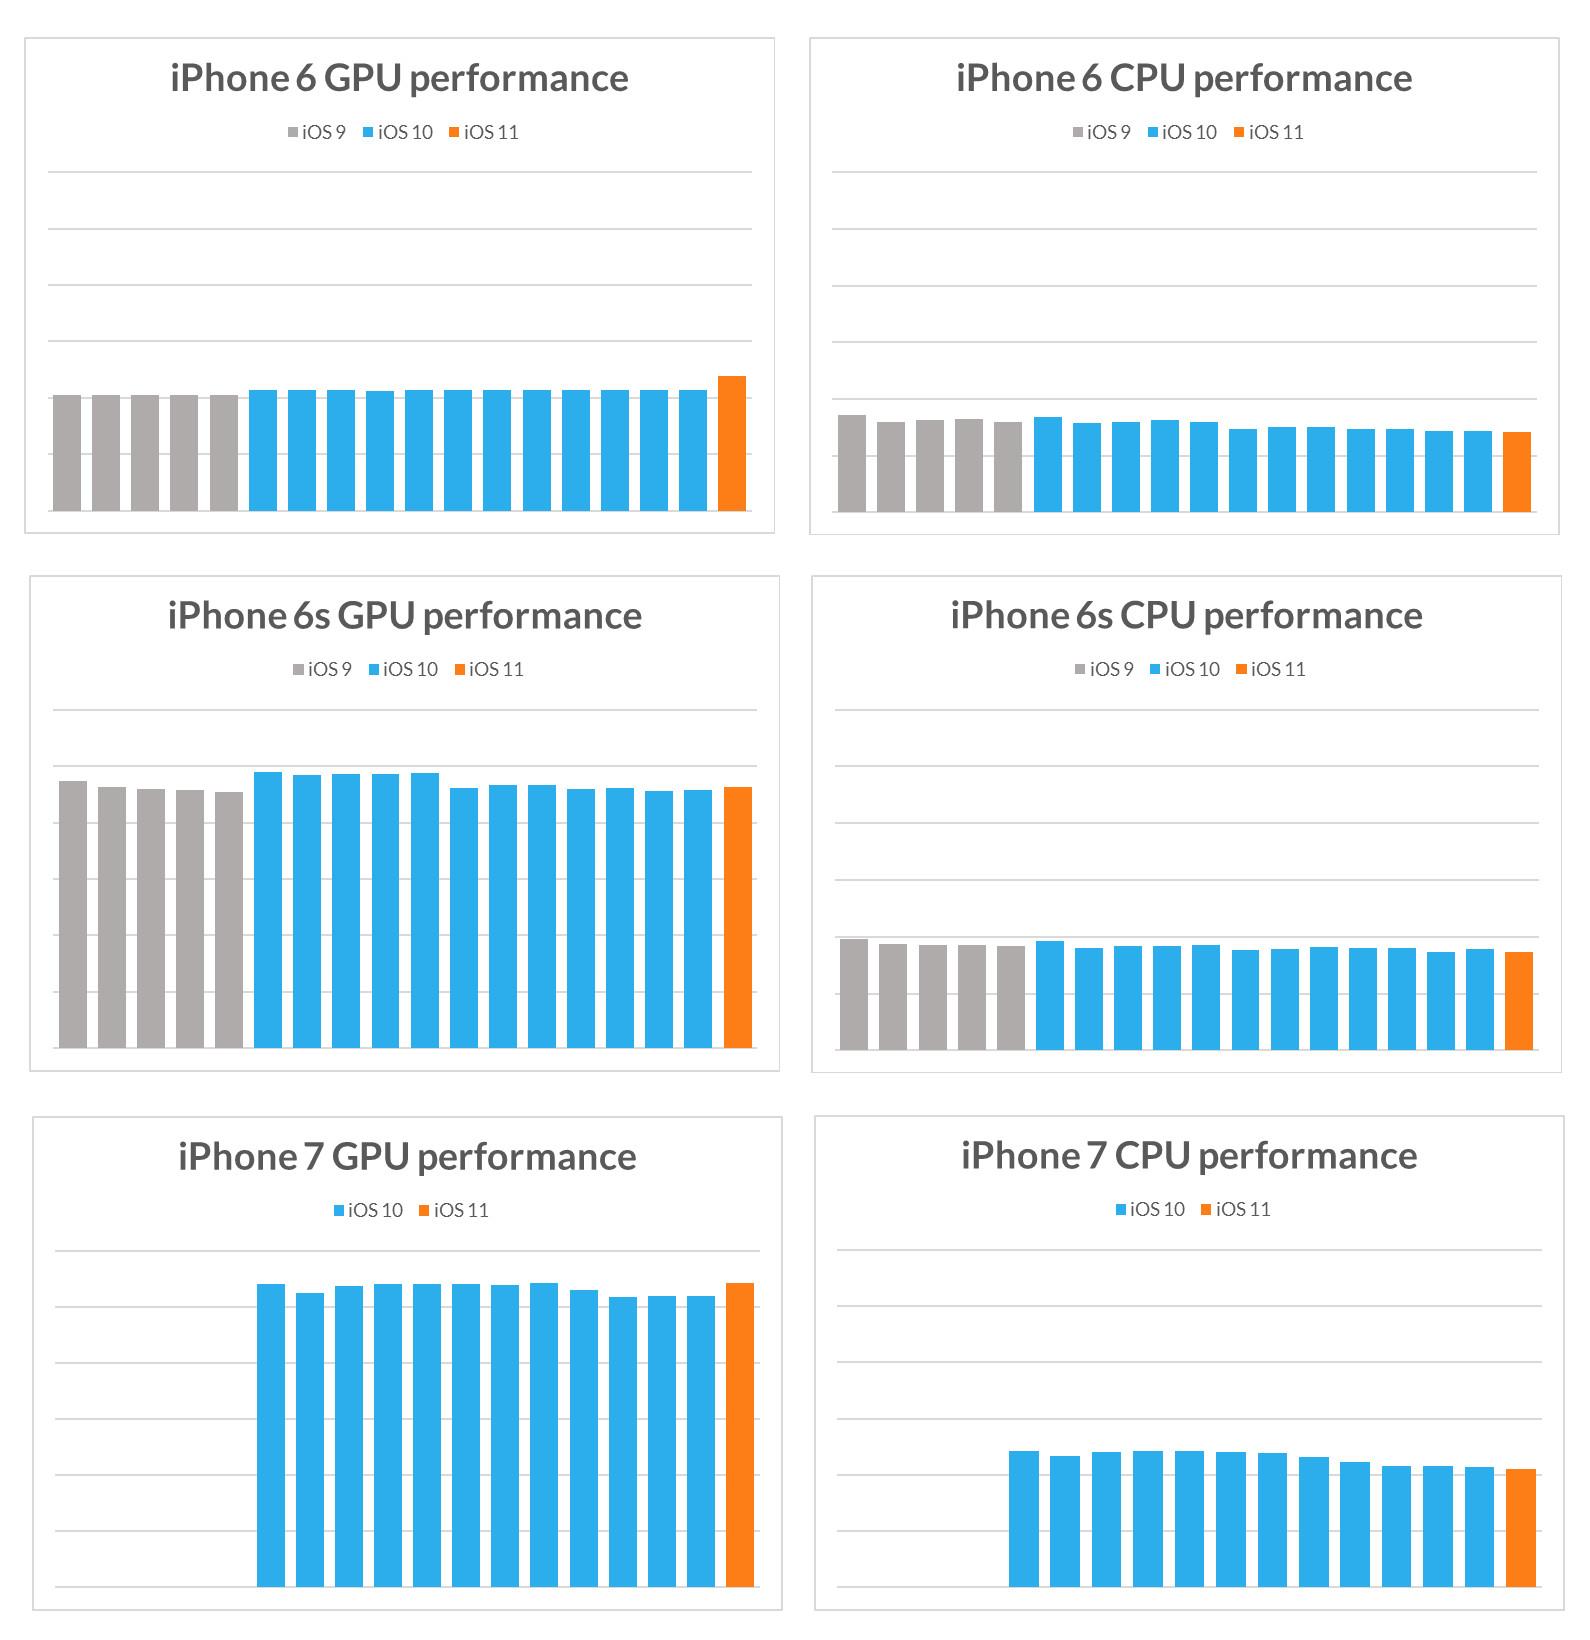 Legg merke til at flere modeller faktisk får bedre GPU-ytelse med iOS 11, kanskje grunnet Metal-rammeverket, mens CPU-ytelsen er degradert noe. Noen dramatiske endringer er det dog ikke.